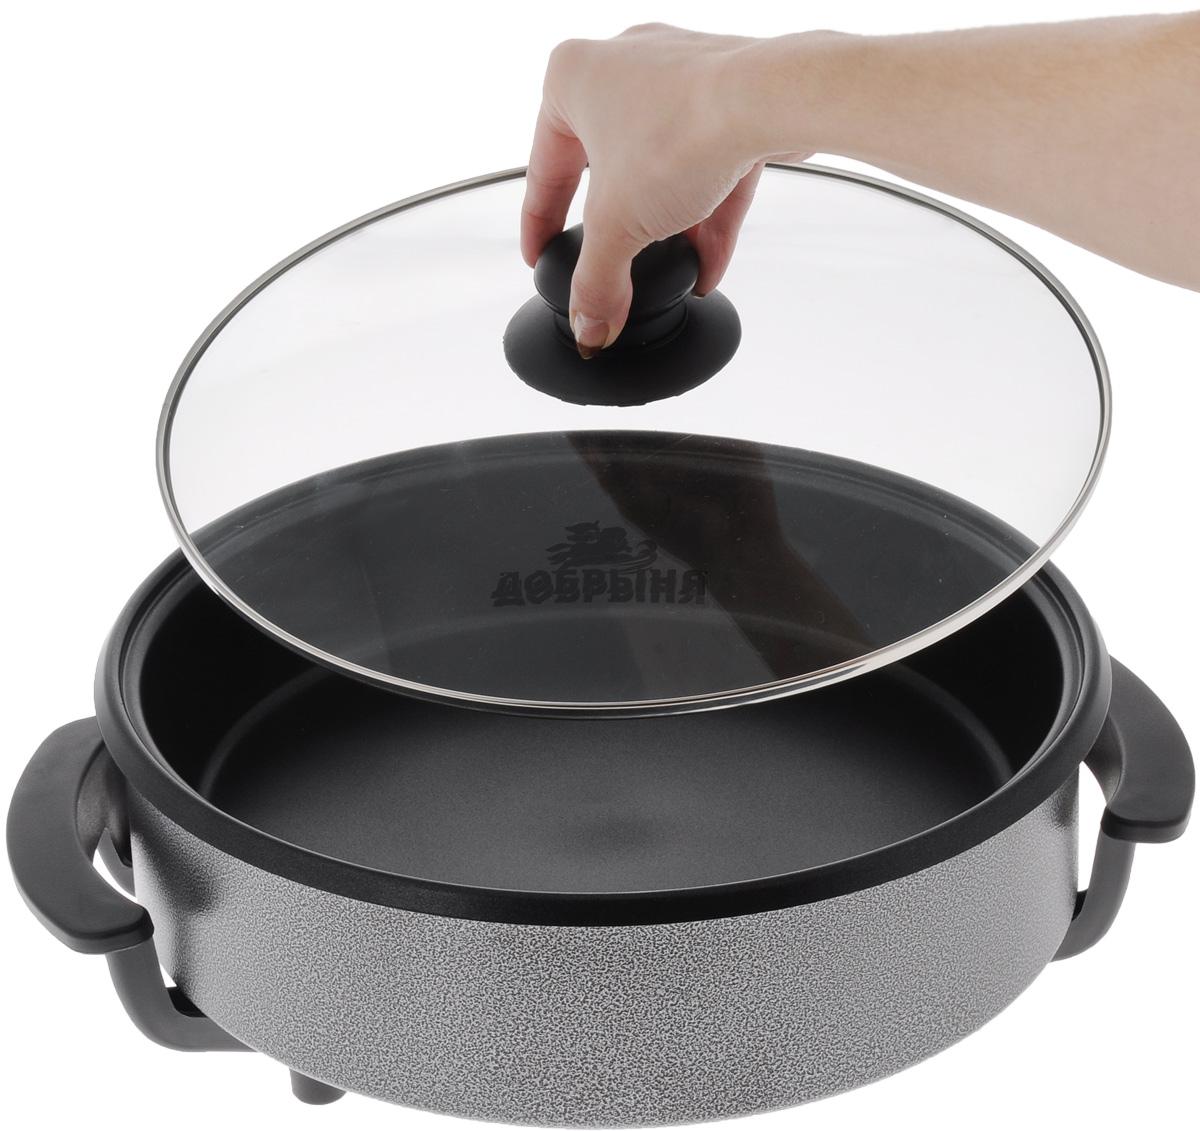 """Электрическая сковорода """"Добрыня"""" - это по- настоящему многофункциональное устройство.  Она отличается от обычной сковороды тем, что  ее не нужно ставить на плиту, а питается от  электричества, благодаря чему ее можно  разместить в любом месте. Сковорода  изготовлена из высококачественного литого  алюминия. Утолщенное дно обеспечивает  равномерное распределение тепла. Изделие не  содержит кадмия и свинца, а также вредной  примеси PFOA, оно абсолютно экологично и  безопасно для здоровья.  Алюминий прекрасно распределяет и  удерживает тепло, что позволяет экономить  электроэнергию и готовить  пищу быстрее.  Электрическая сковорода оснащена  нагревательным элементом, который  находится  снизу, благодаря чему отлично подходит  для жарки, тушения, варки и даже просто  подогрева.  Изделие снабжено терморегулятором, что  позволяет устанавливать нужную температуру и  ее поддержания.  Сковорода имеет стеклянную крышку с  бакелитовой  ручкой, которая позволяет следить за процессом  приготовления блюд.  Компактность, простота в уходе, экономия  времени, надежность, удобство в использовании  - все это сделает процесс готовки максимально  приятным и порадует даже самых искушенных  кулинаров.  Диаметр сковороды (по верхнему краю): 32 см.   Диаметр сковороды (по внутреннему краю): 30  см. Высота стенки: 9 см.  Ширина сковороды (с учетом ручек): 39 см.  Номинальная потребляемая мощность: 1500 Вт.  Напряжение: 220 - 240 Вт. Частота: 50 Гц. Максимальная температура нагрева: 240°С."""